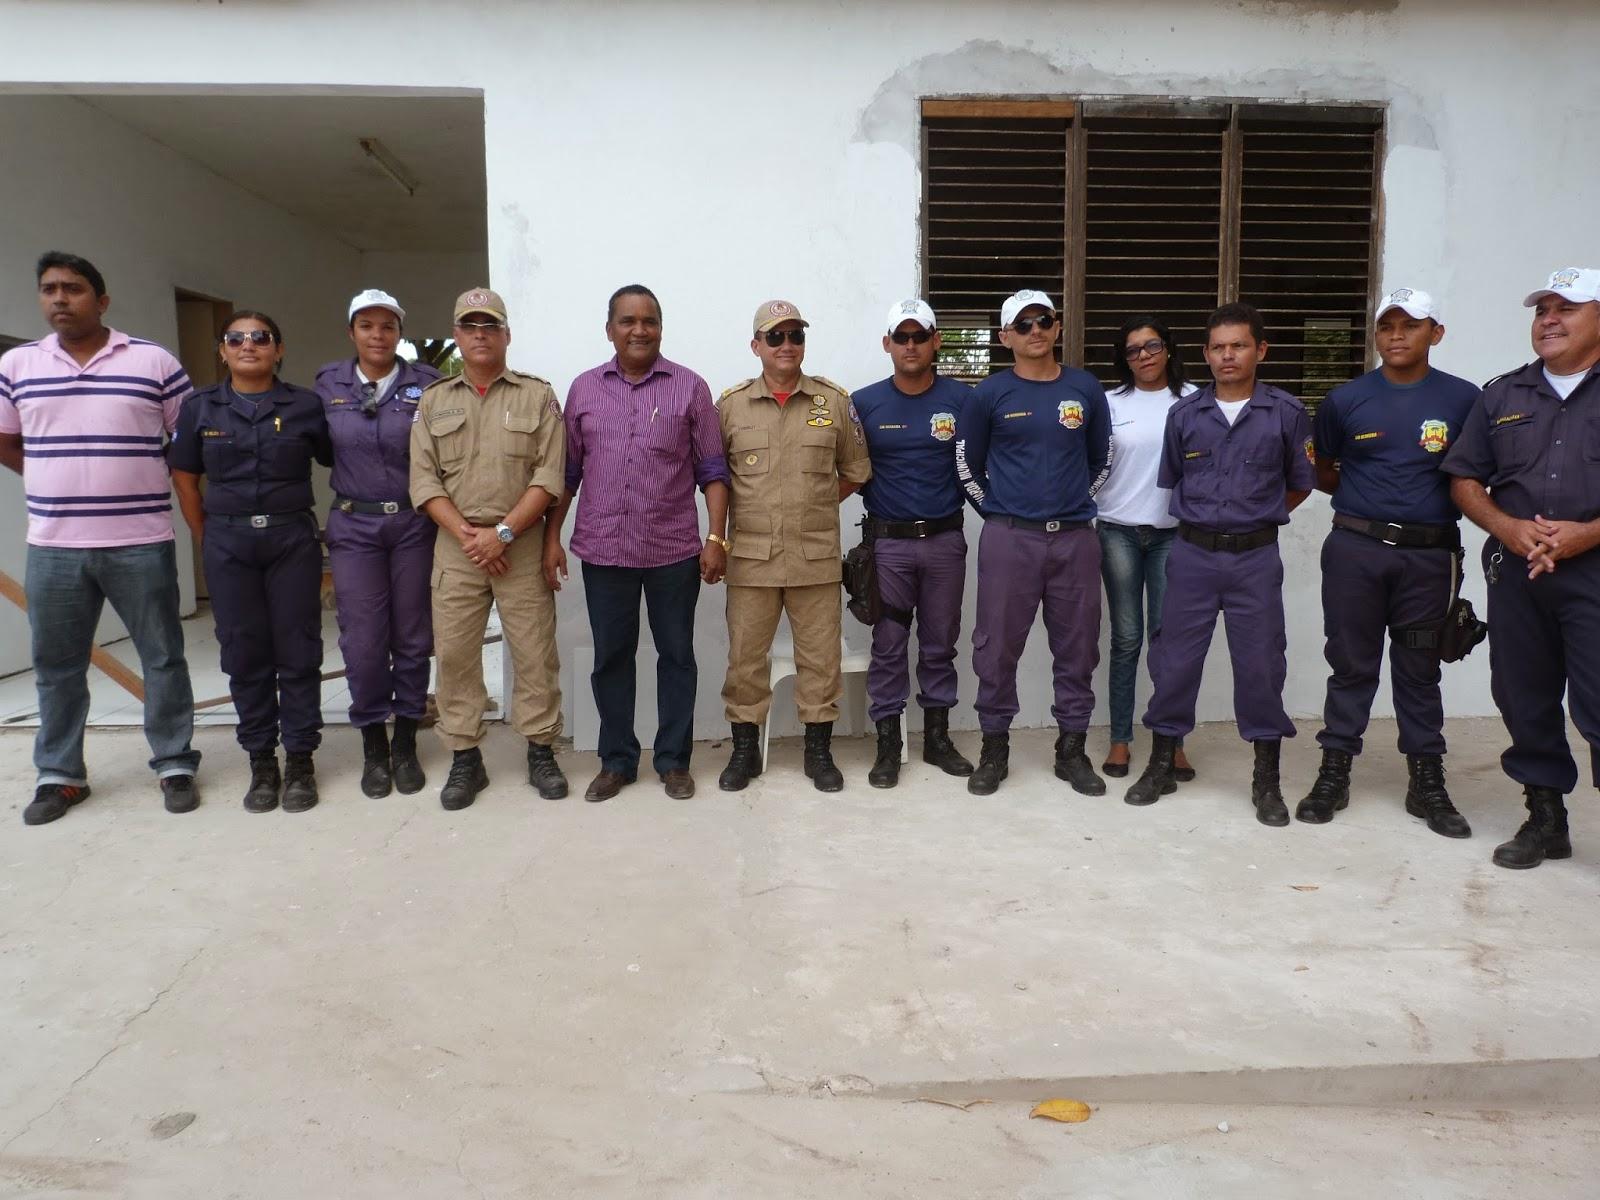 Comando dos Bombeiros do Maranhão mente para a população de Bacabal e não instala corporação na cidade